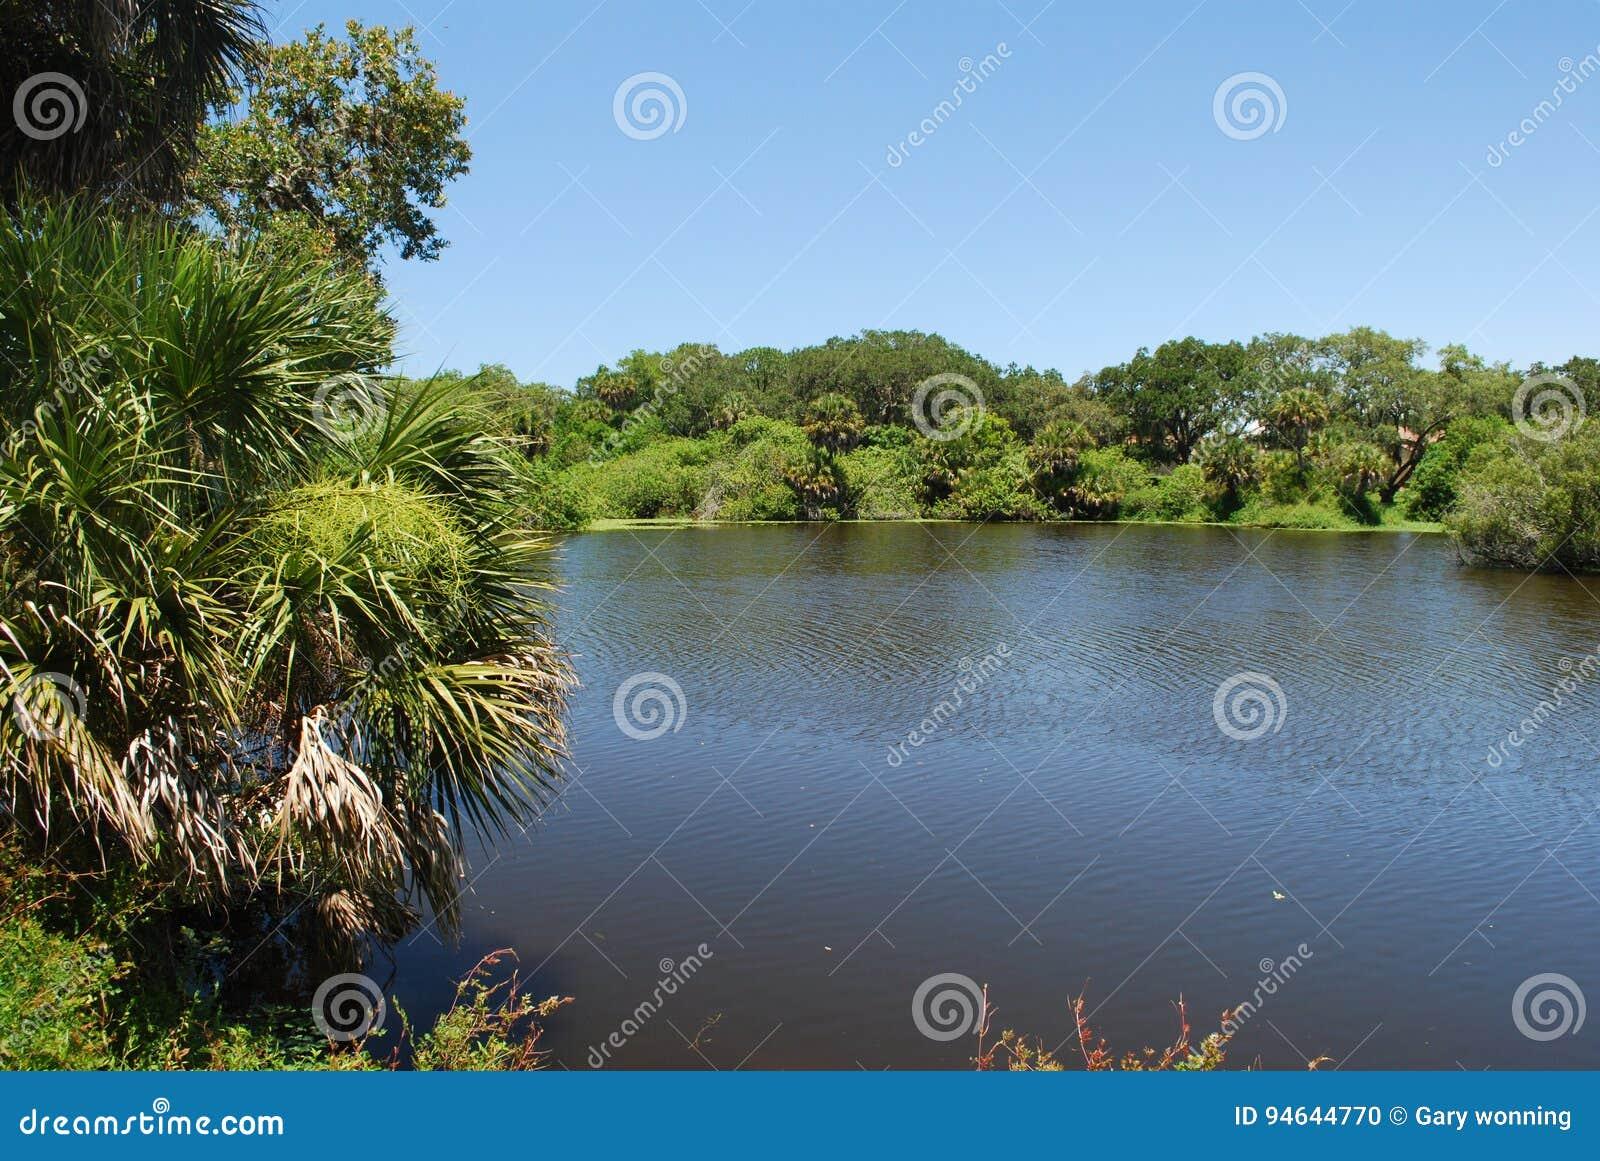 l'eau de Sarasota branchement Myers Briggs types de rencontres